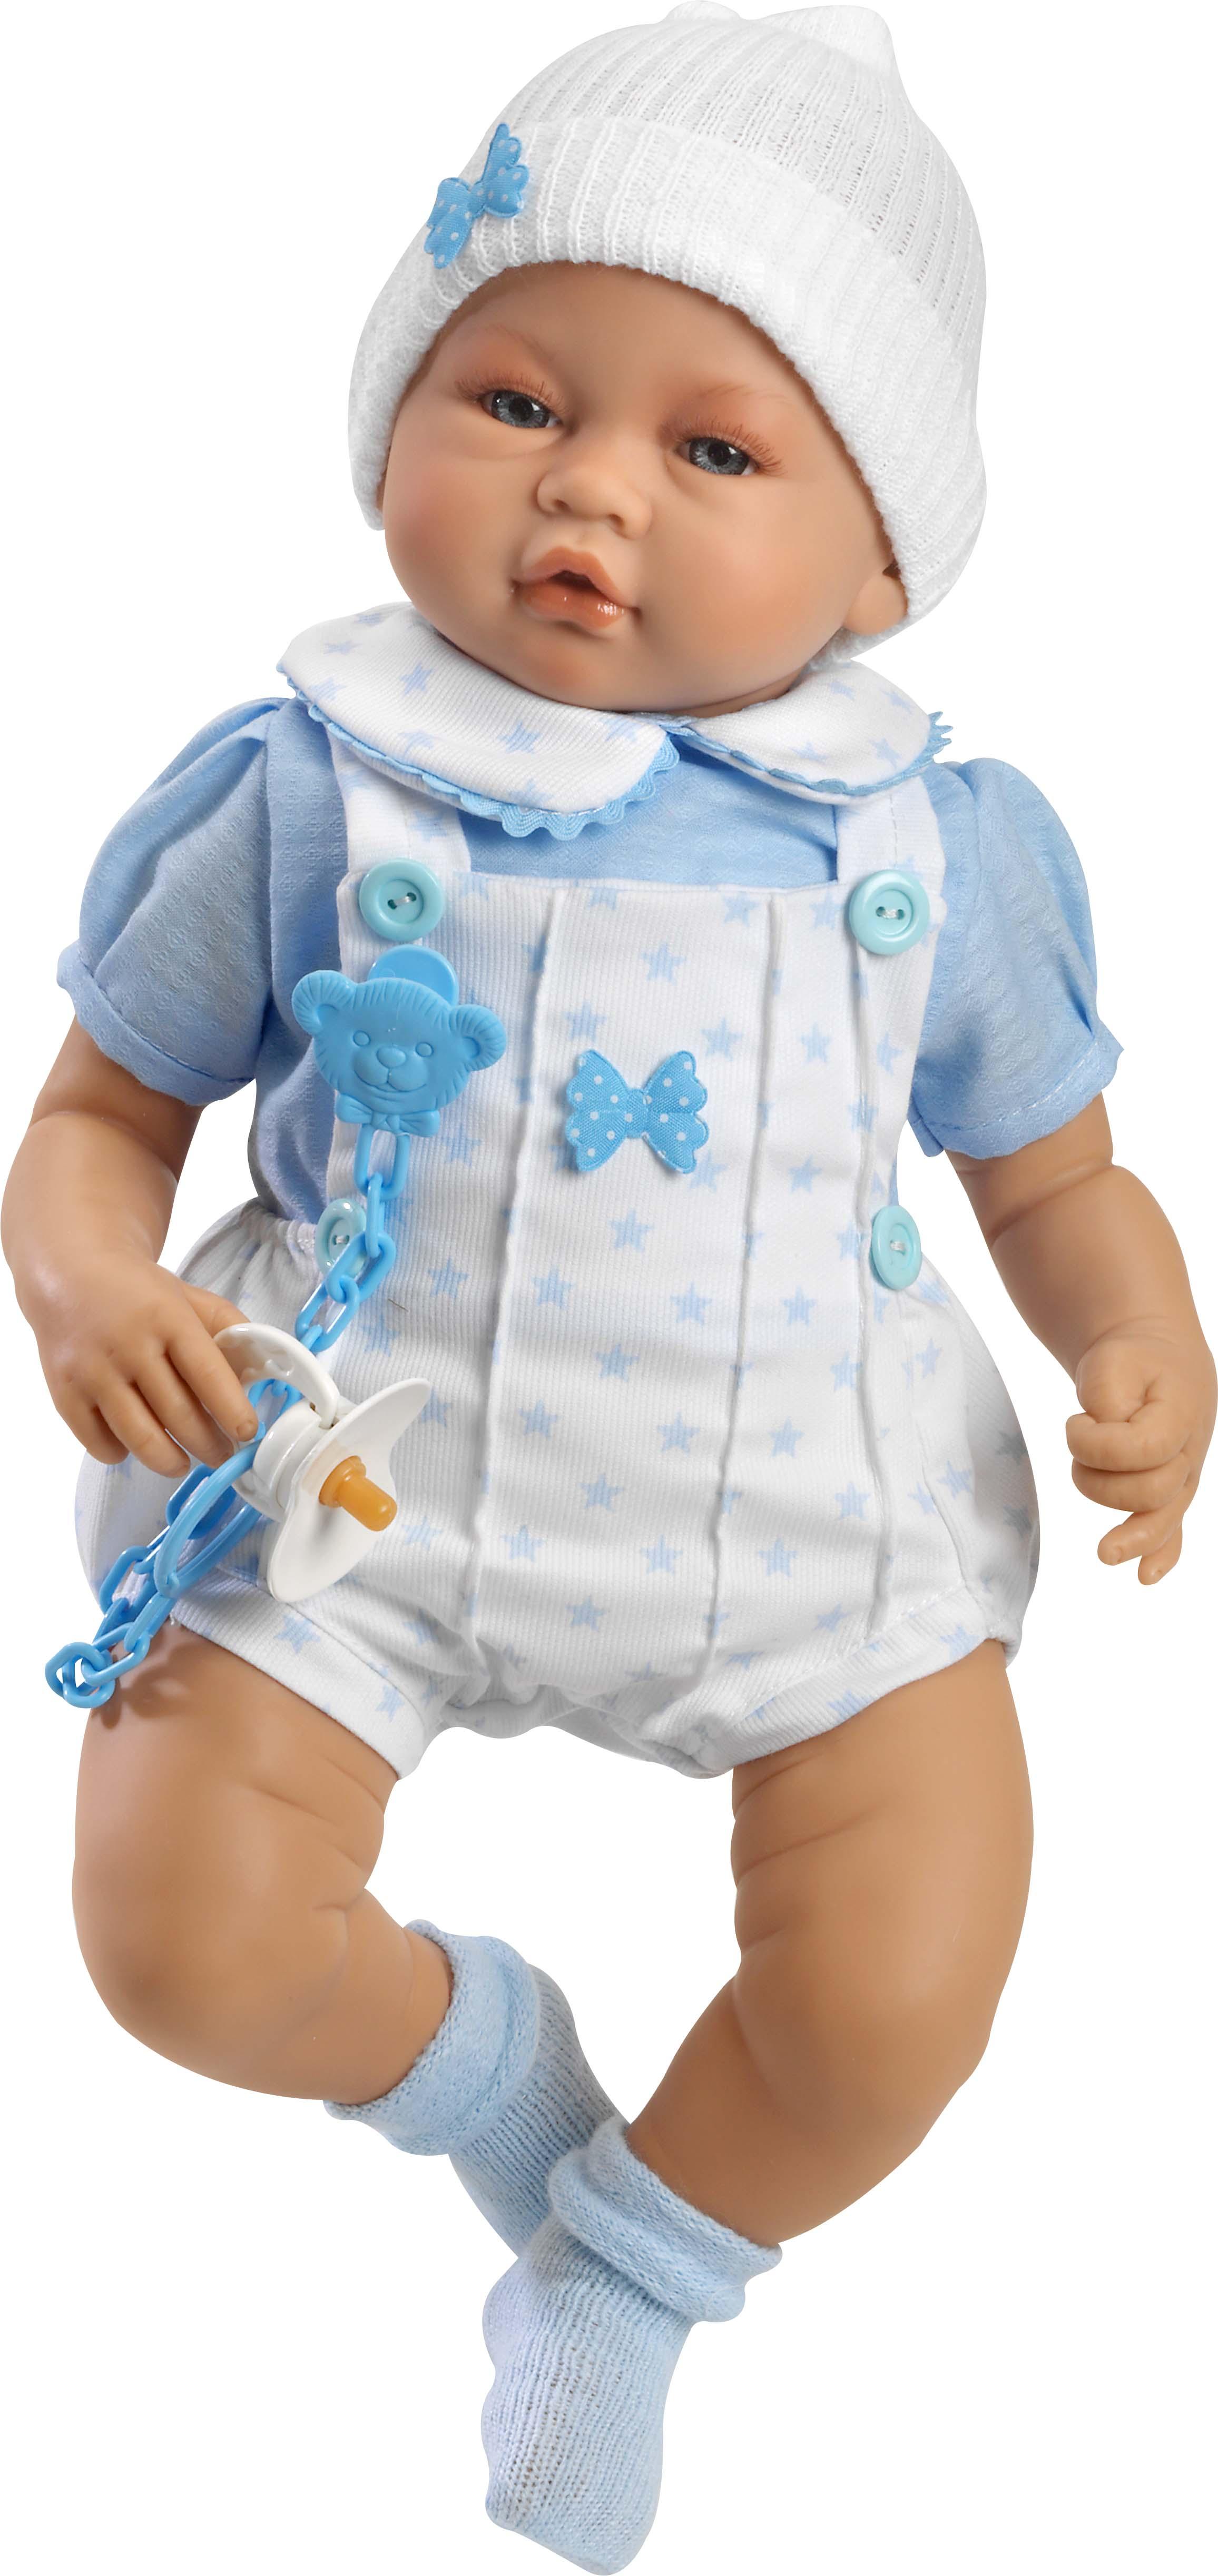 Iker Bebé sentado con ropa celeste y gorrito